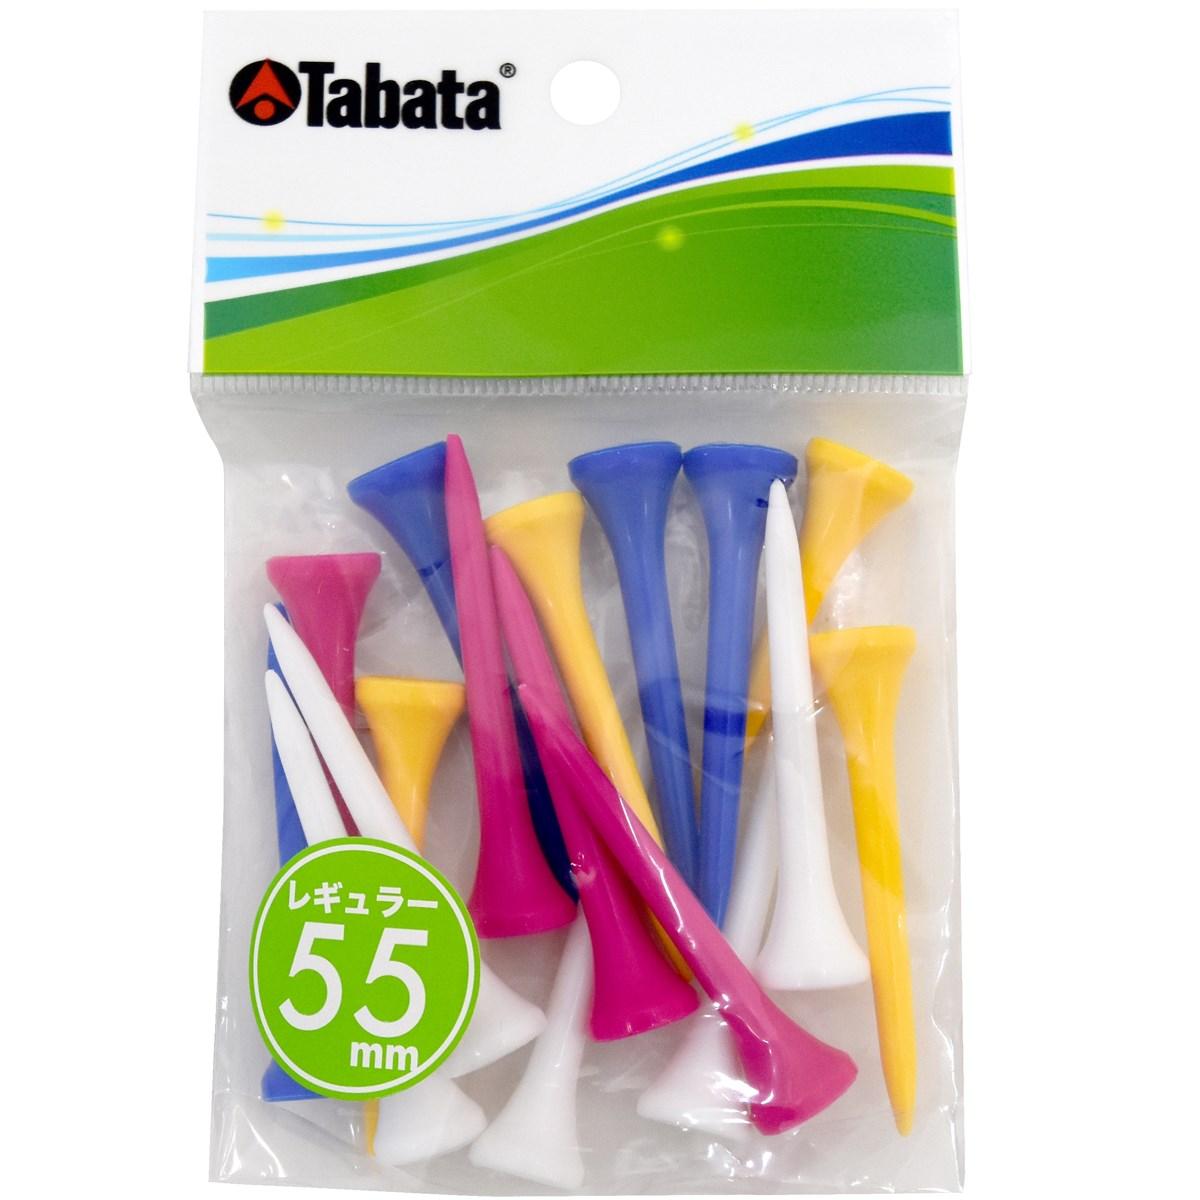 タバタ Tabata スリムティーレギュラー ブルー/イエロー/ホワイト/グリーン/ピンク